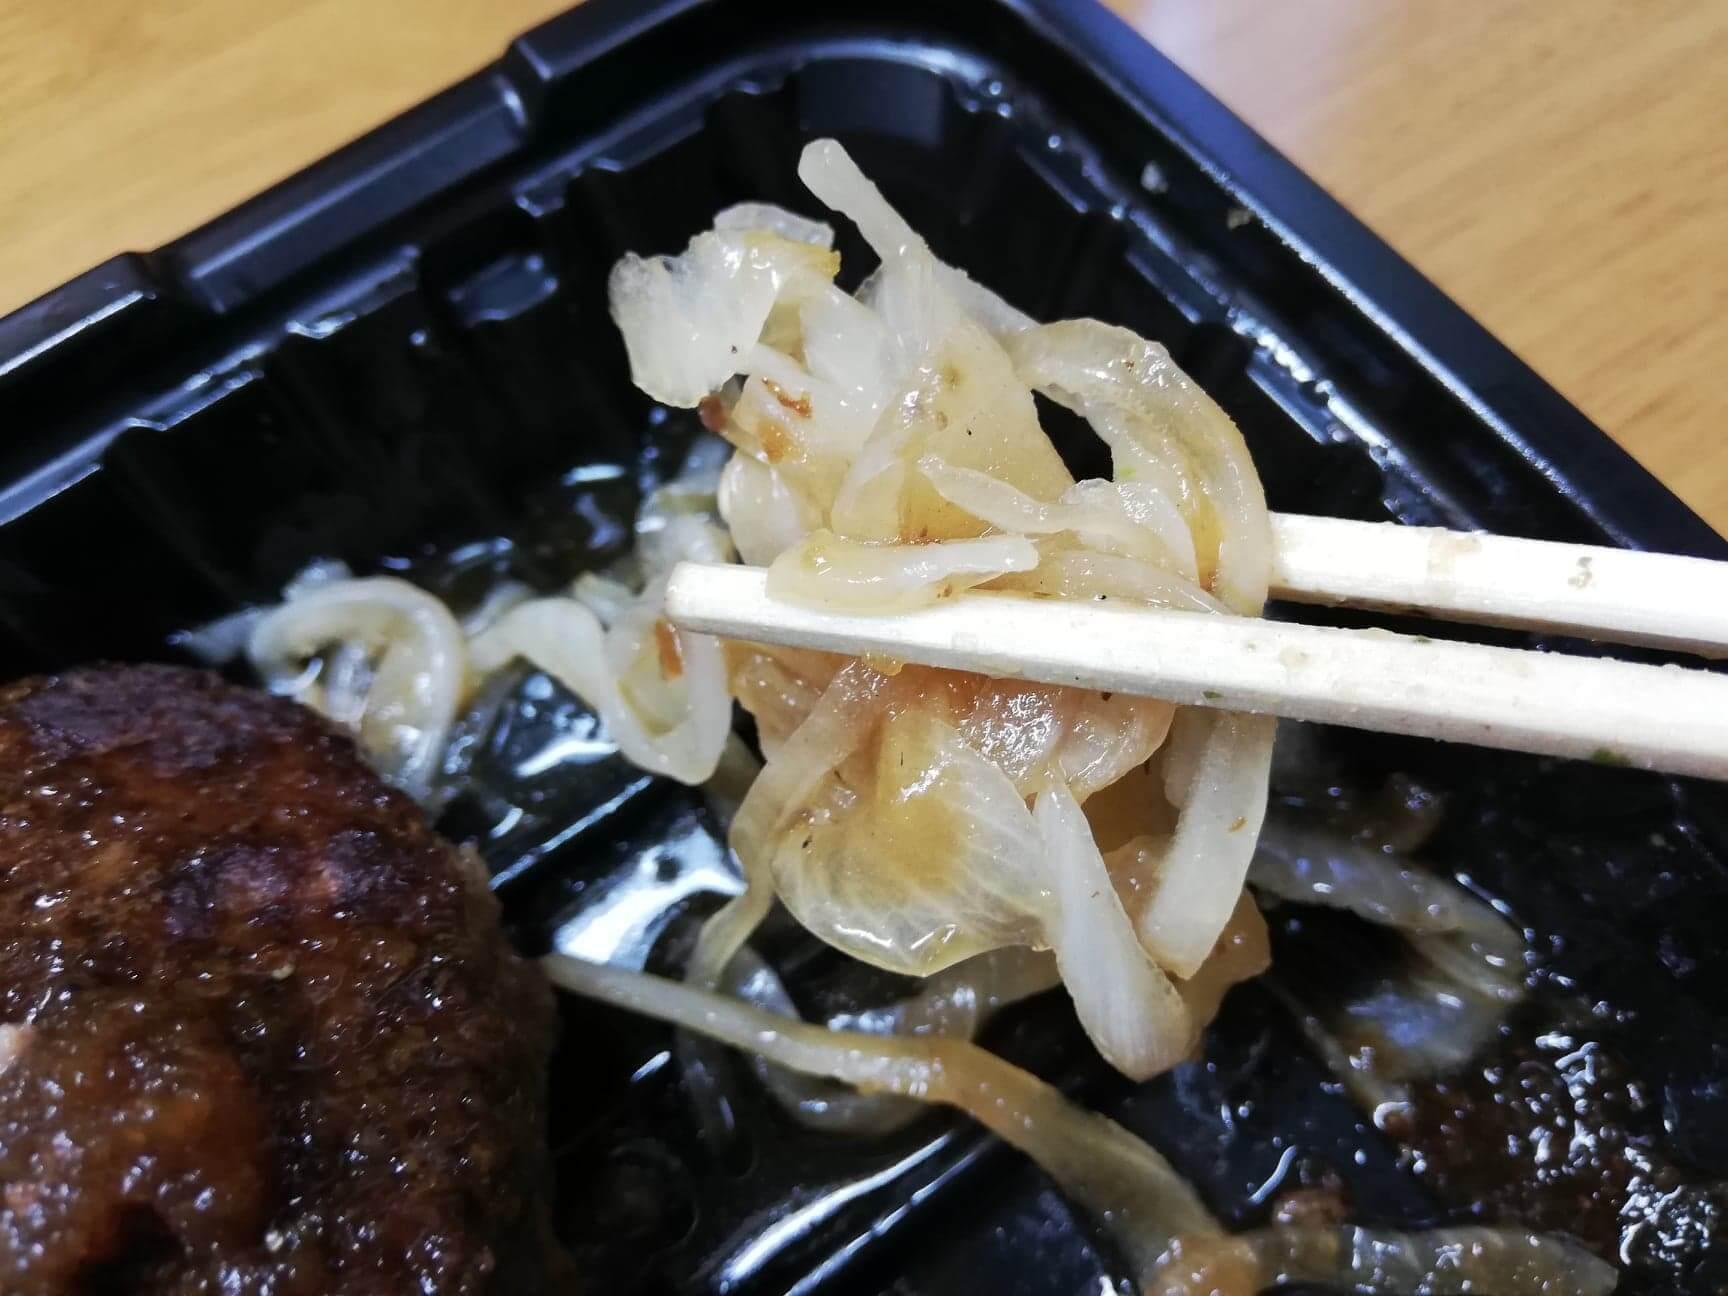 ブロンコビリーの『ビリーハンバーグ弁当』に入っている玉ねぎの写真